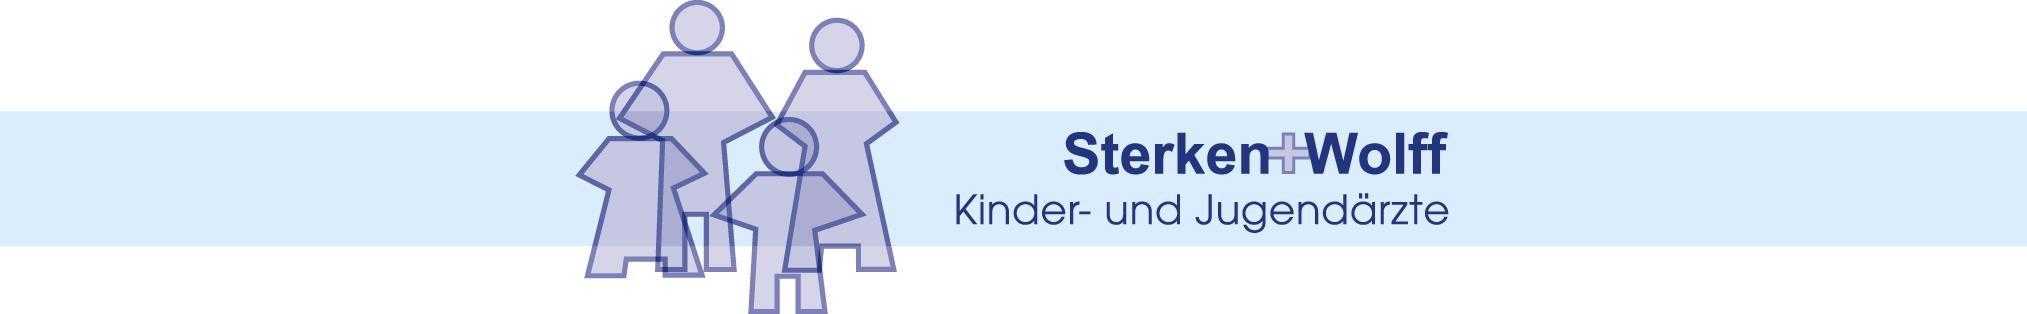 Sterken & Wolff, Fachärzte für Kinder- & Jugendmedizin